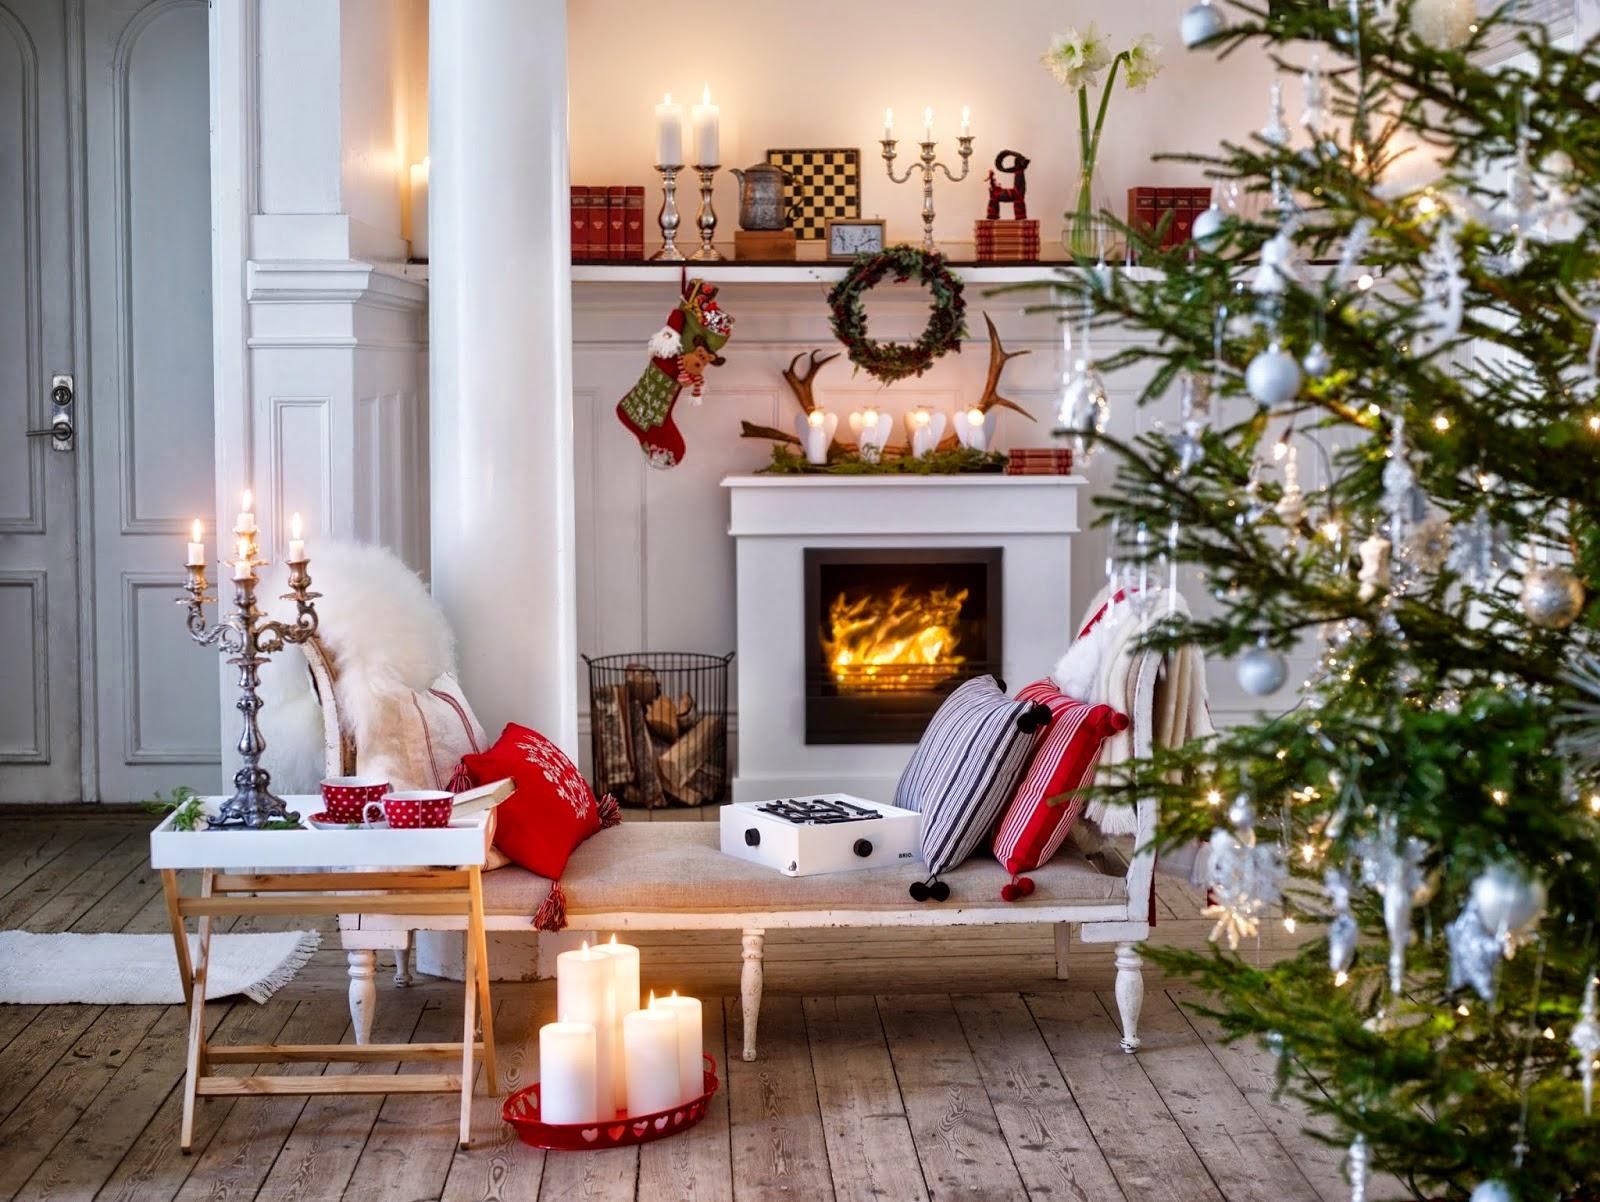 Boiserie c natale arredo d cor bianco rosso legno for Arredamento natalizio casa